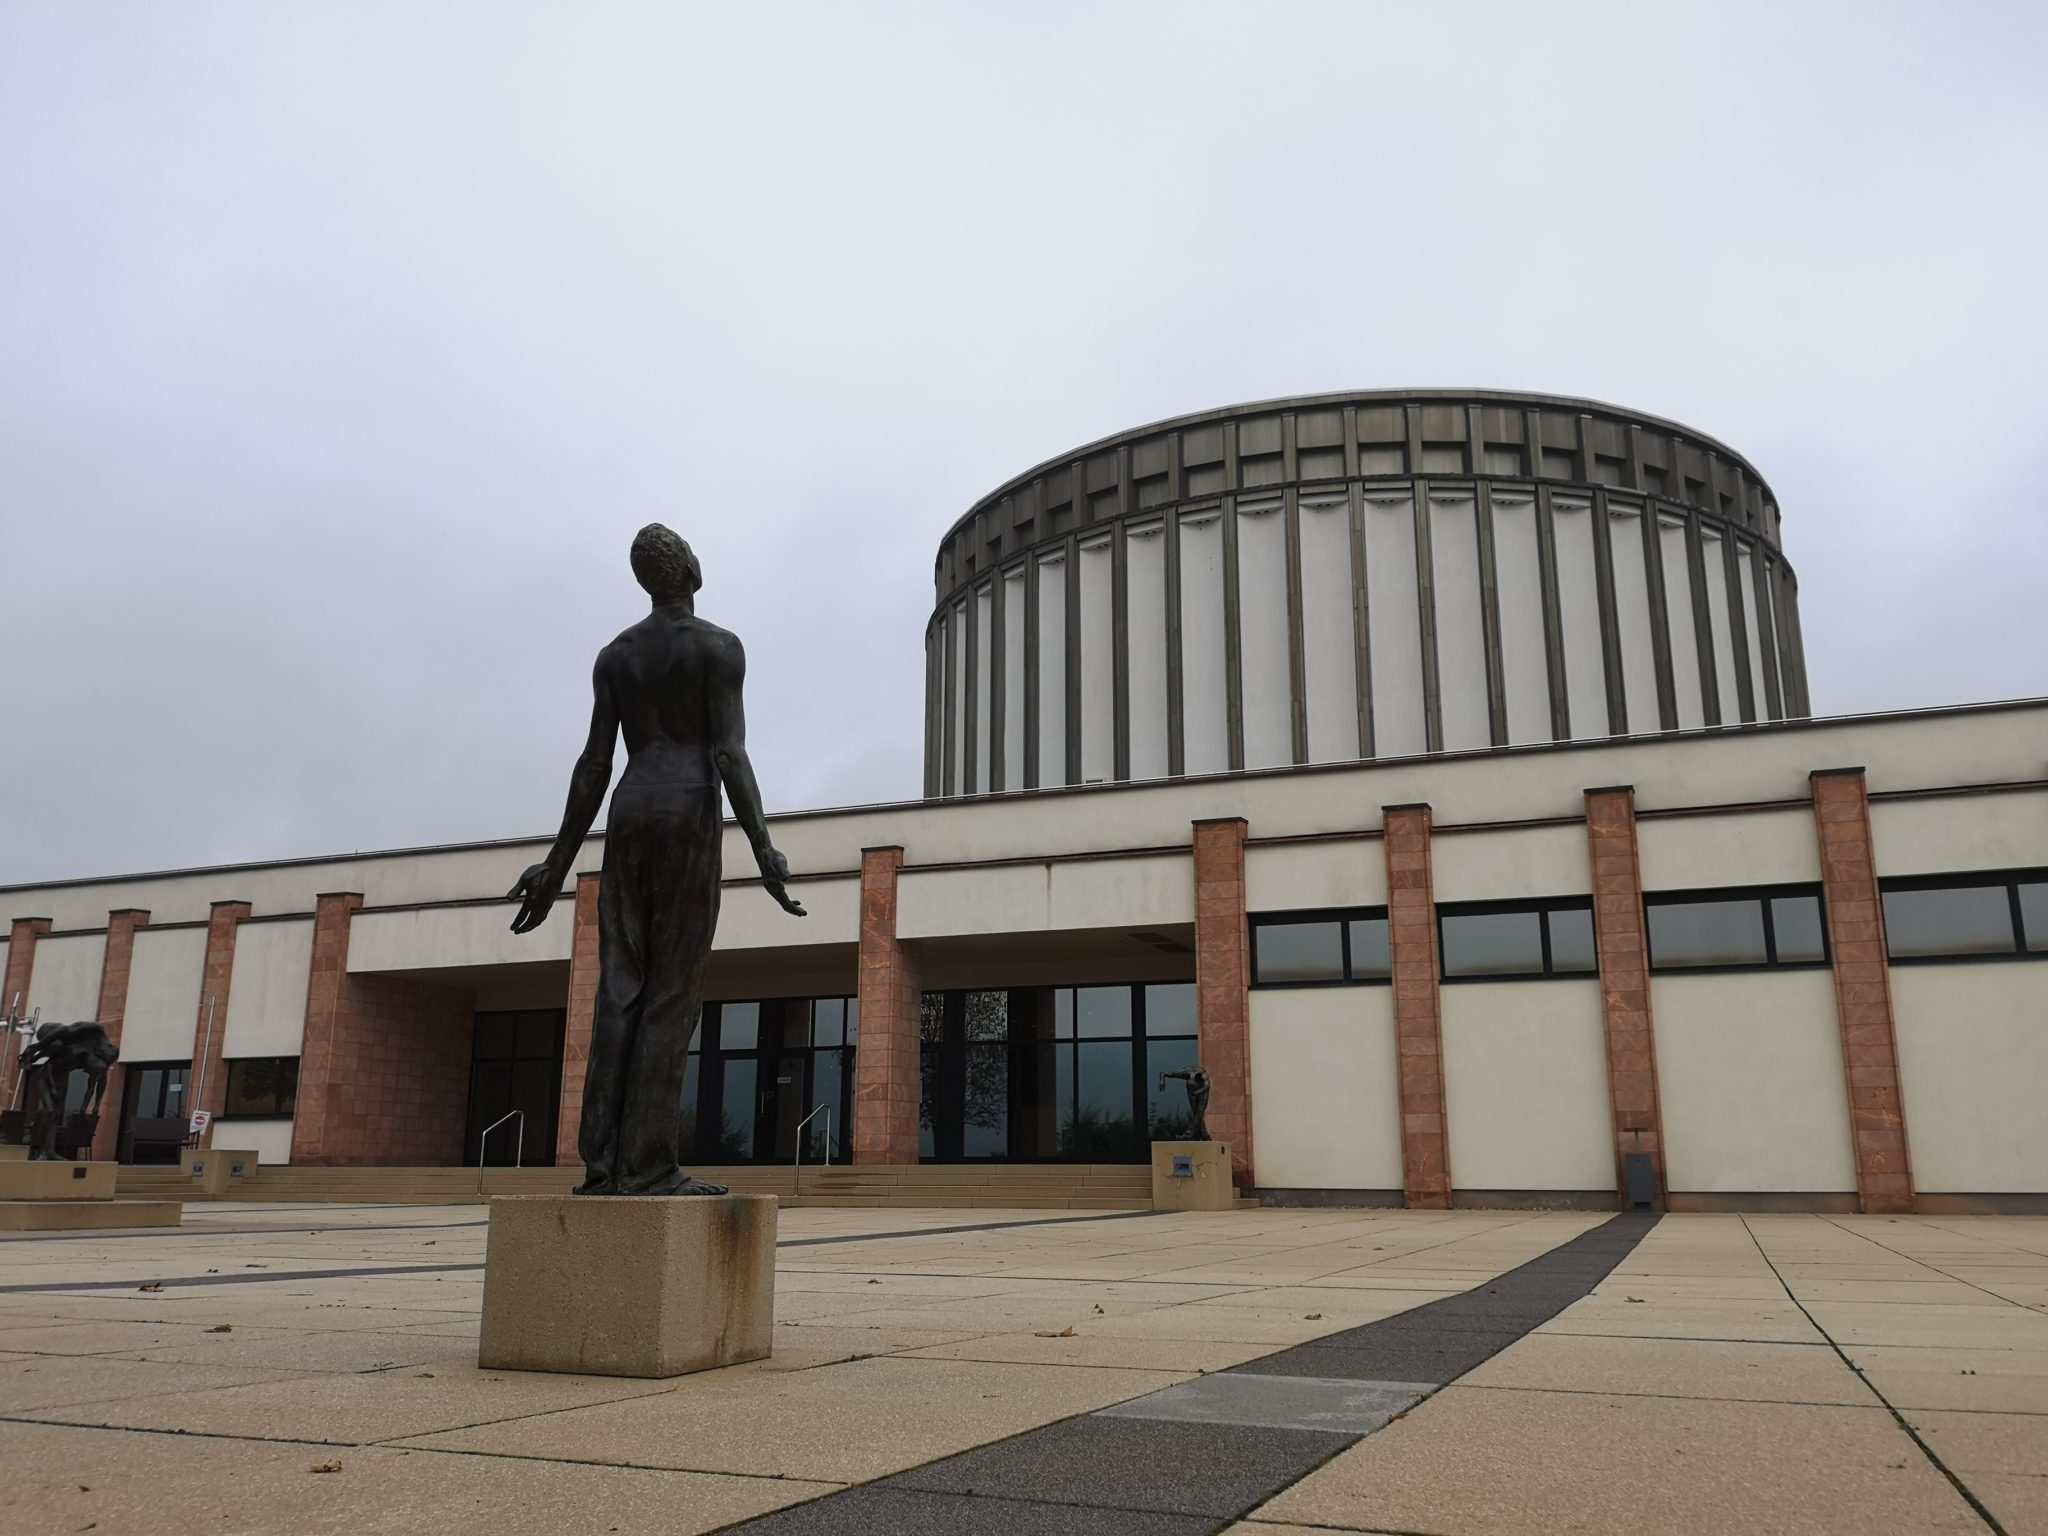 Schon von außen sehenswert das Panorama-Museum